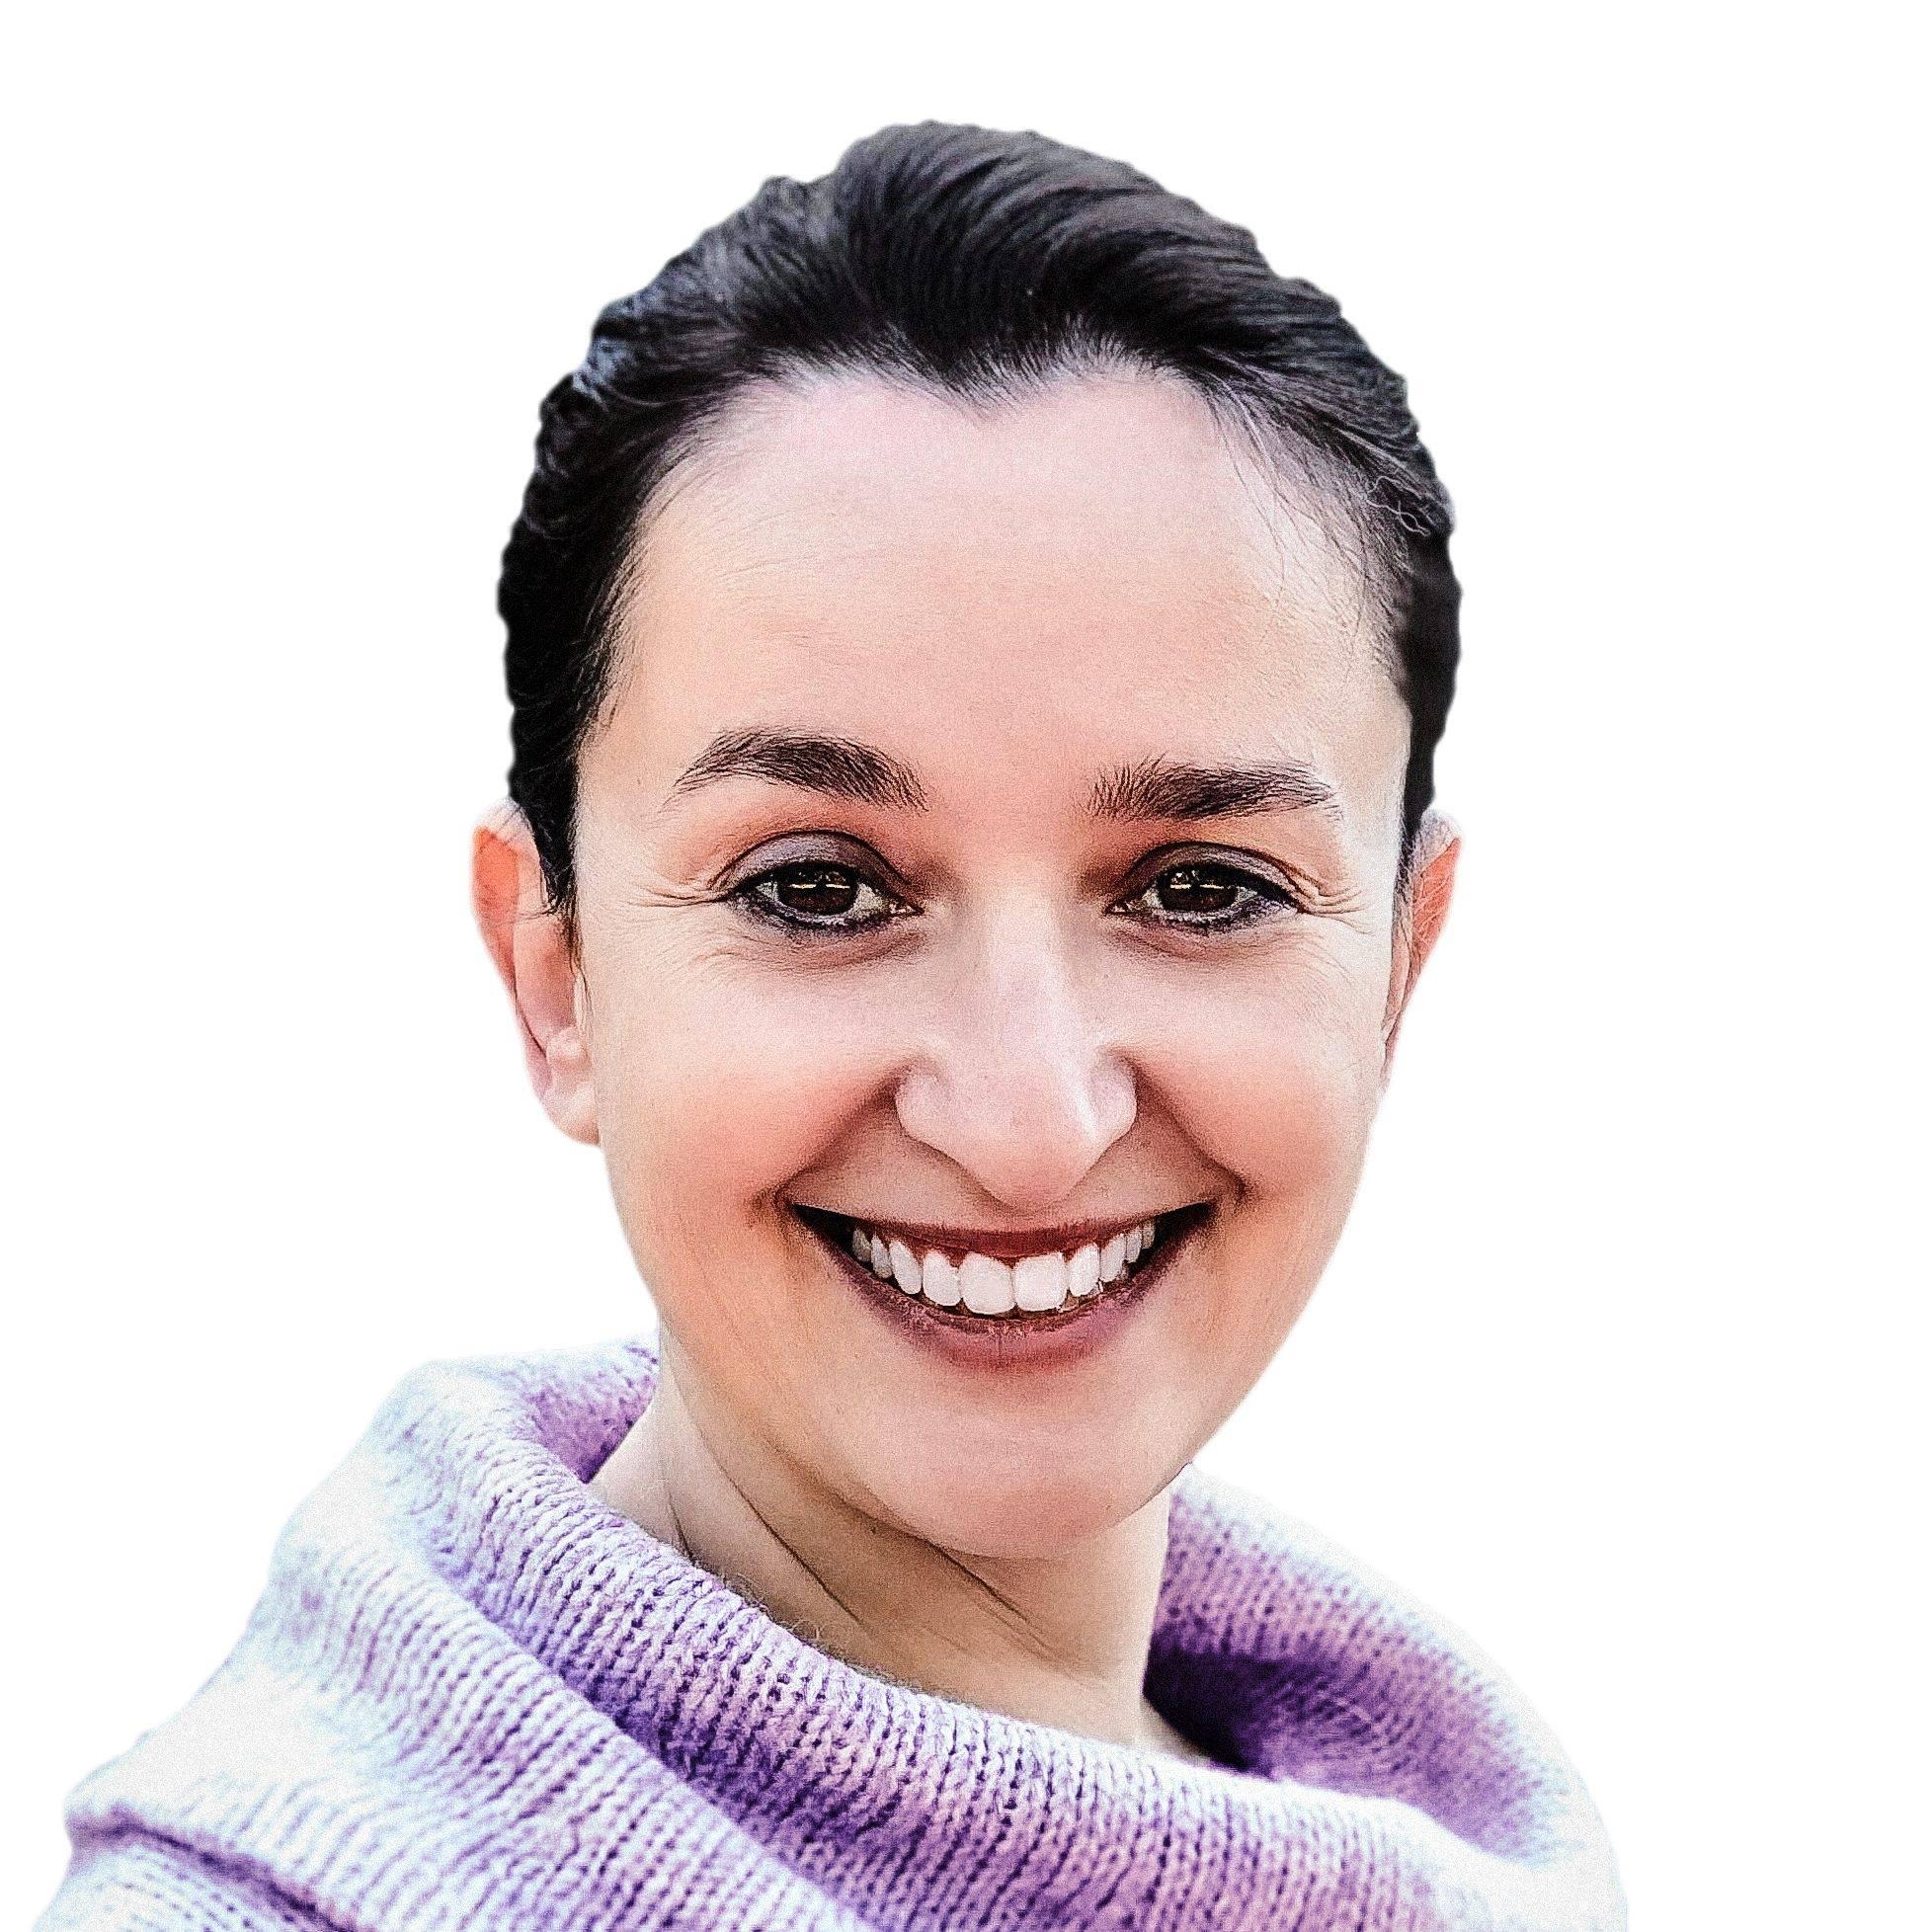 Anna Sari psicologa ad approccio corporeo integrato